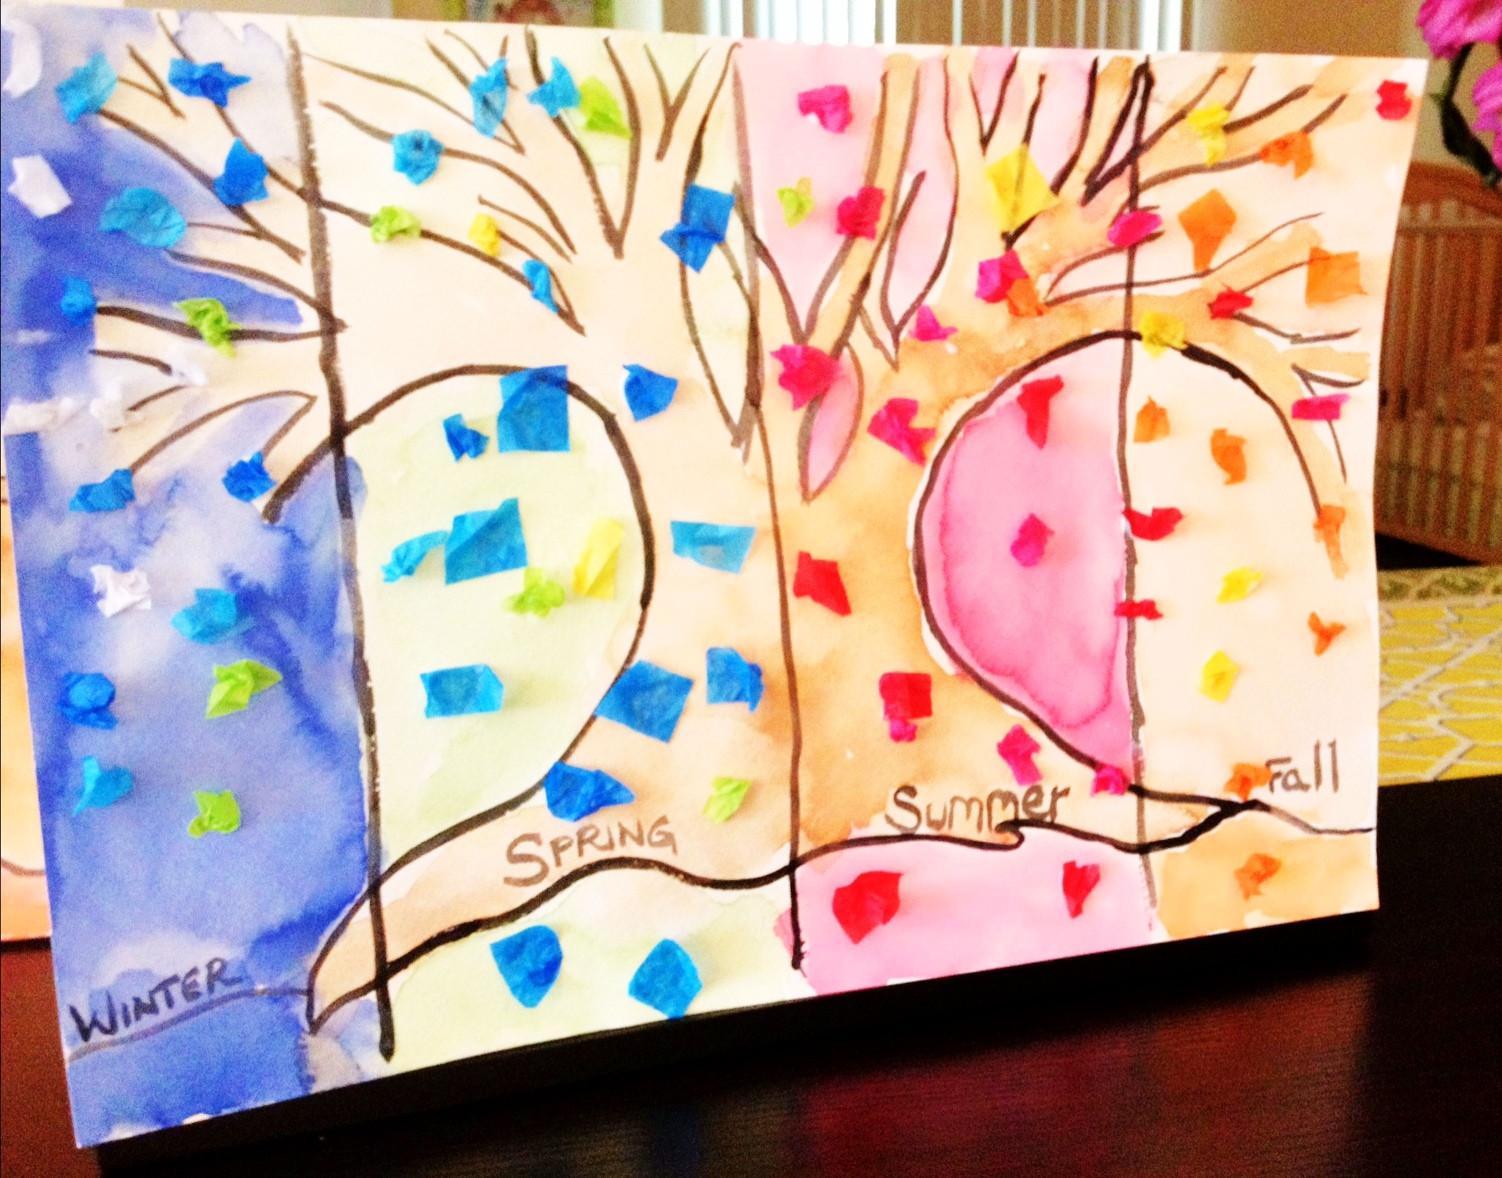 Season Crafts For Preschoolers  52 Week FunSchool The Seasons Craft Tutorial